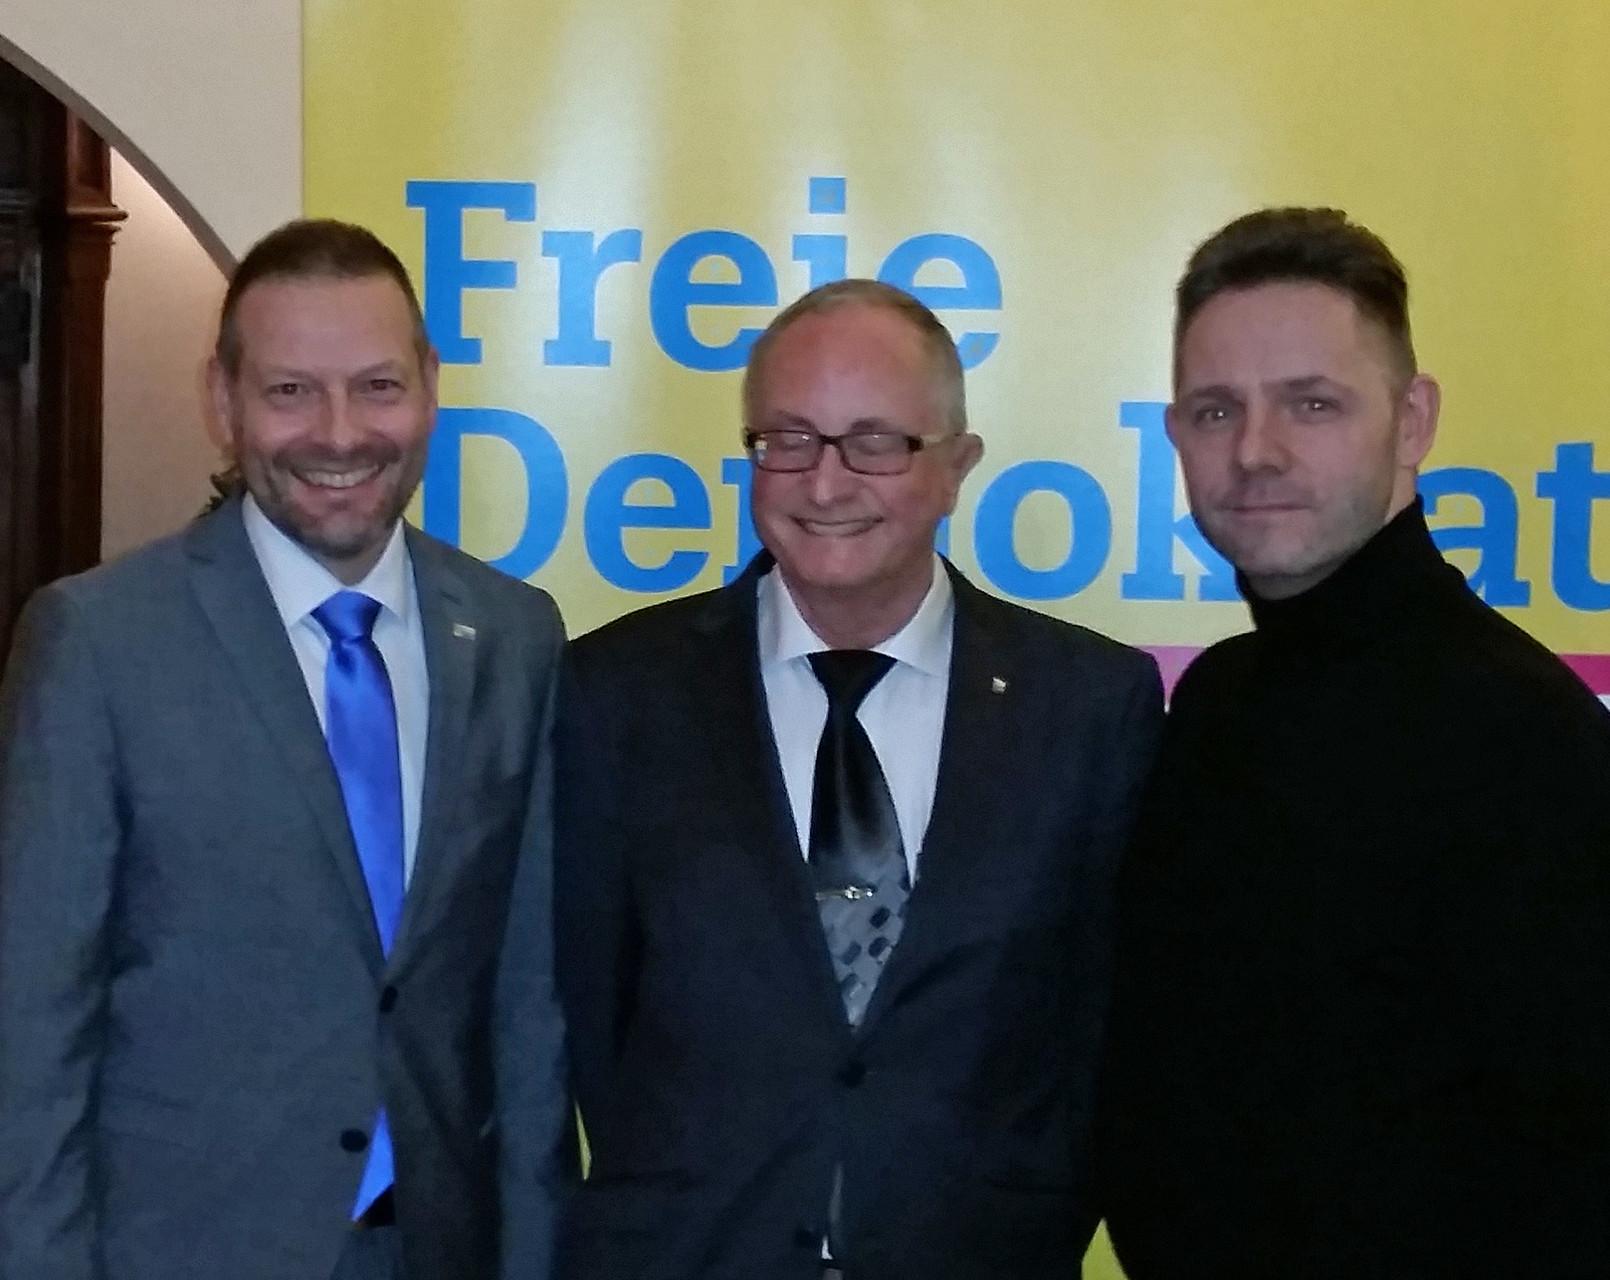 Achim Wyen und FDP-Kreisvorsitzender Burkhard Küpper neben dem Gast Helmut Michelis, der sich hier wohl schon auf seinen Impulsvortrag konzentriert...